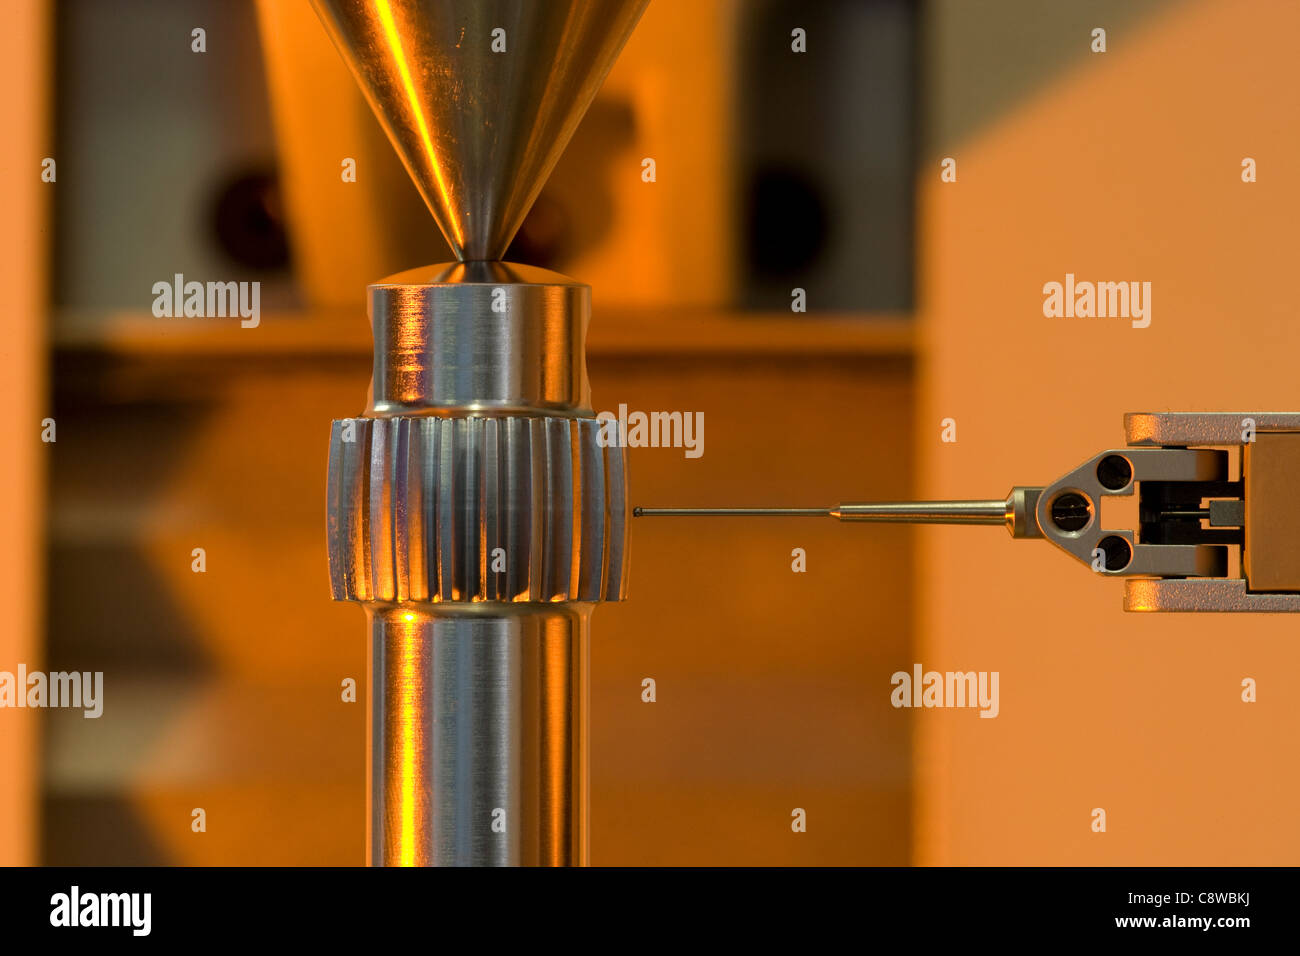 Ingegneria di precisione sonda del dispositivo di calibrazione per il controllo della qualità Immagini Stock